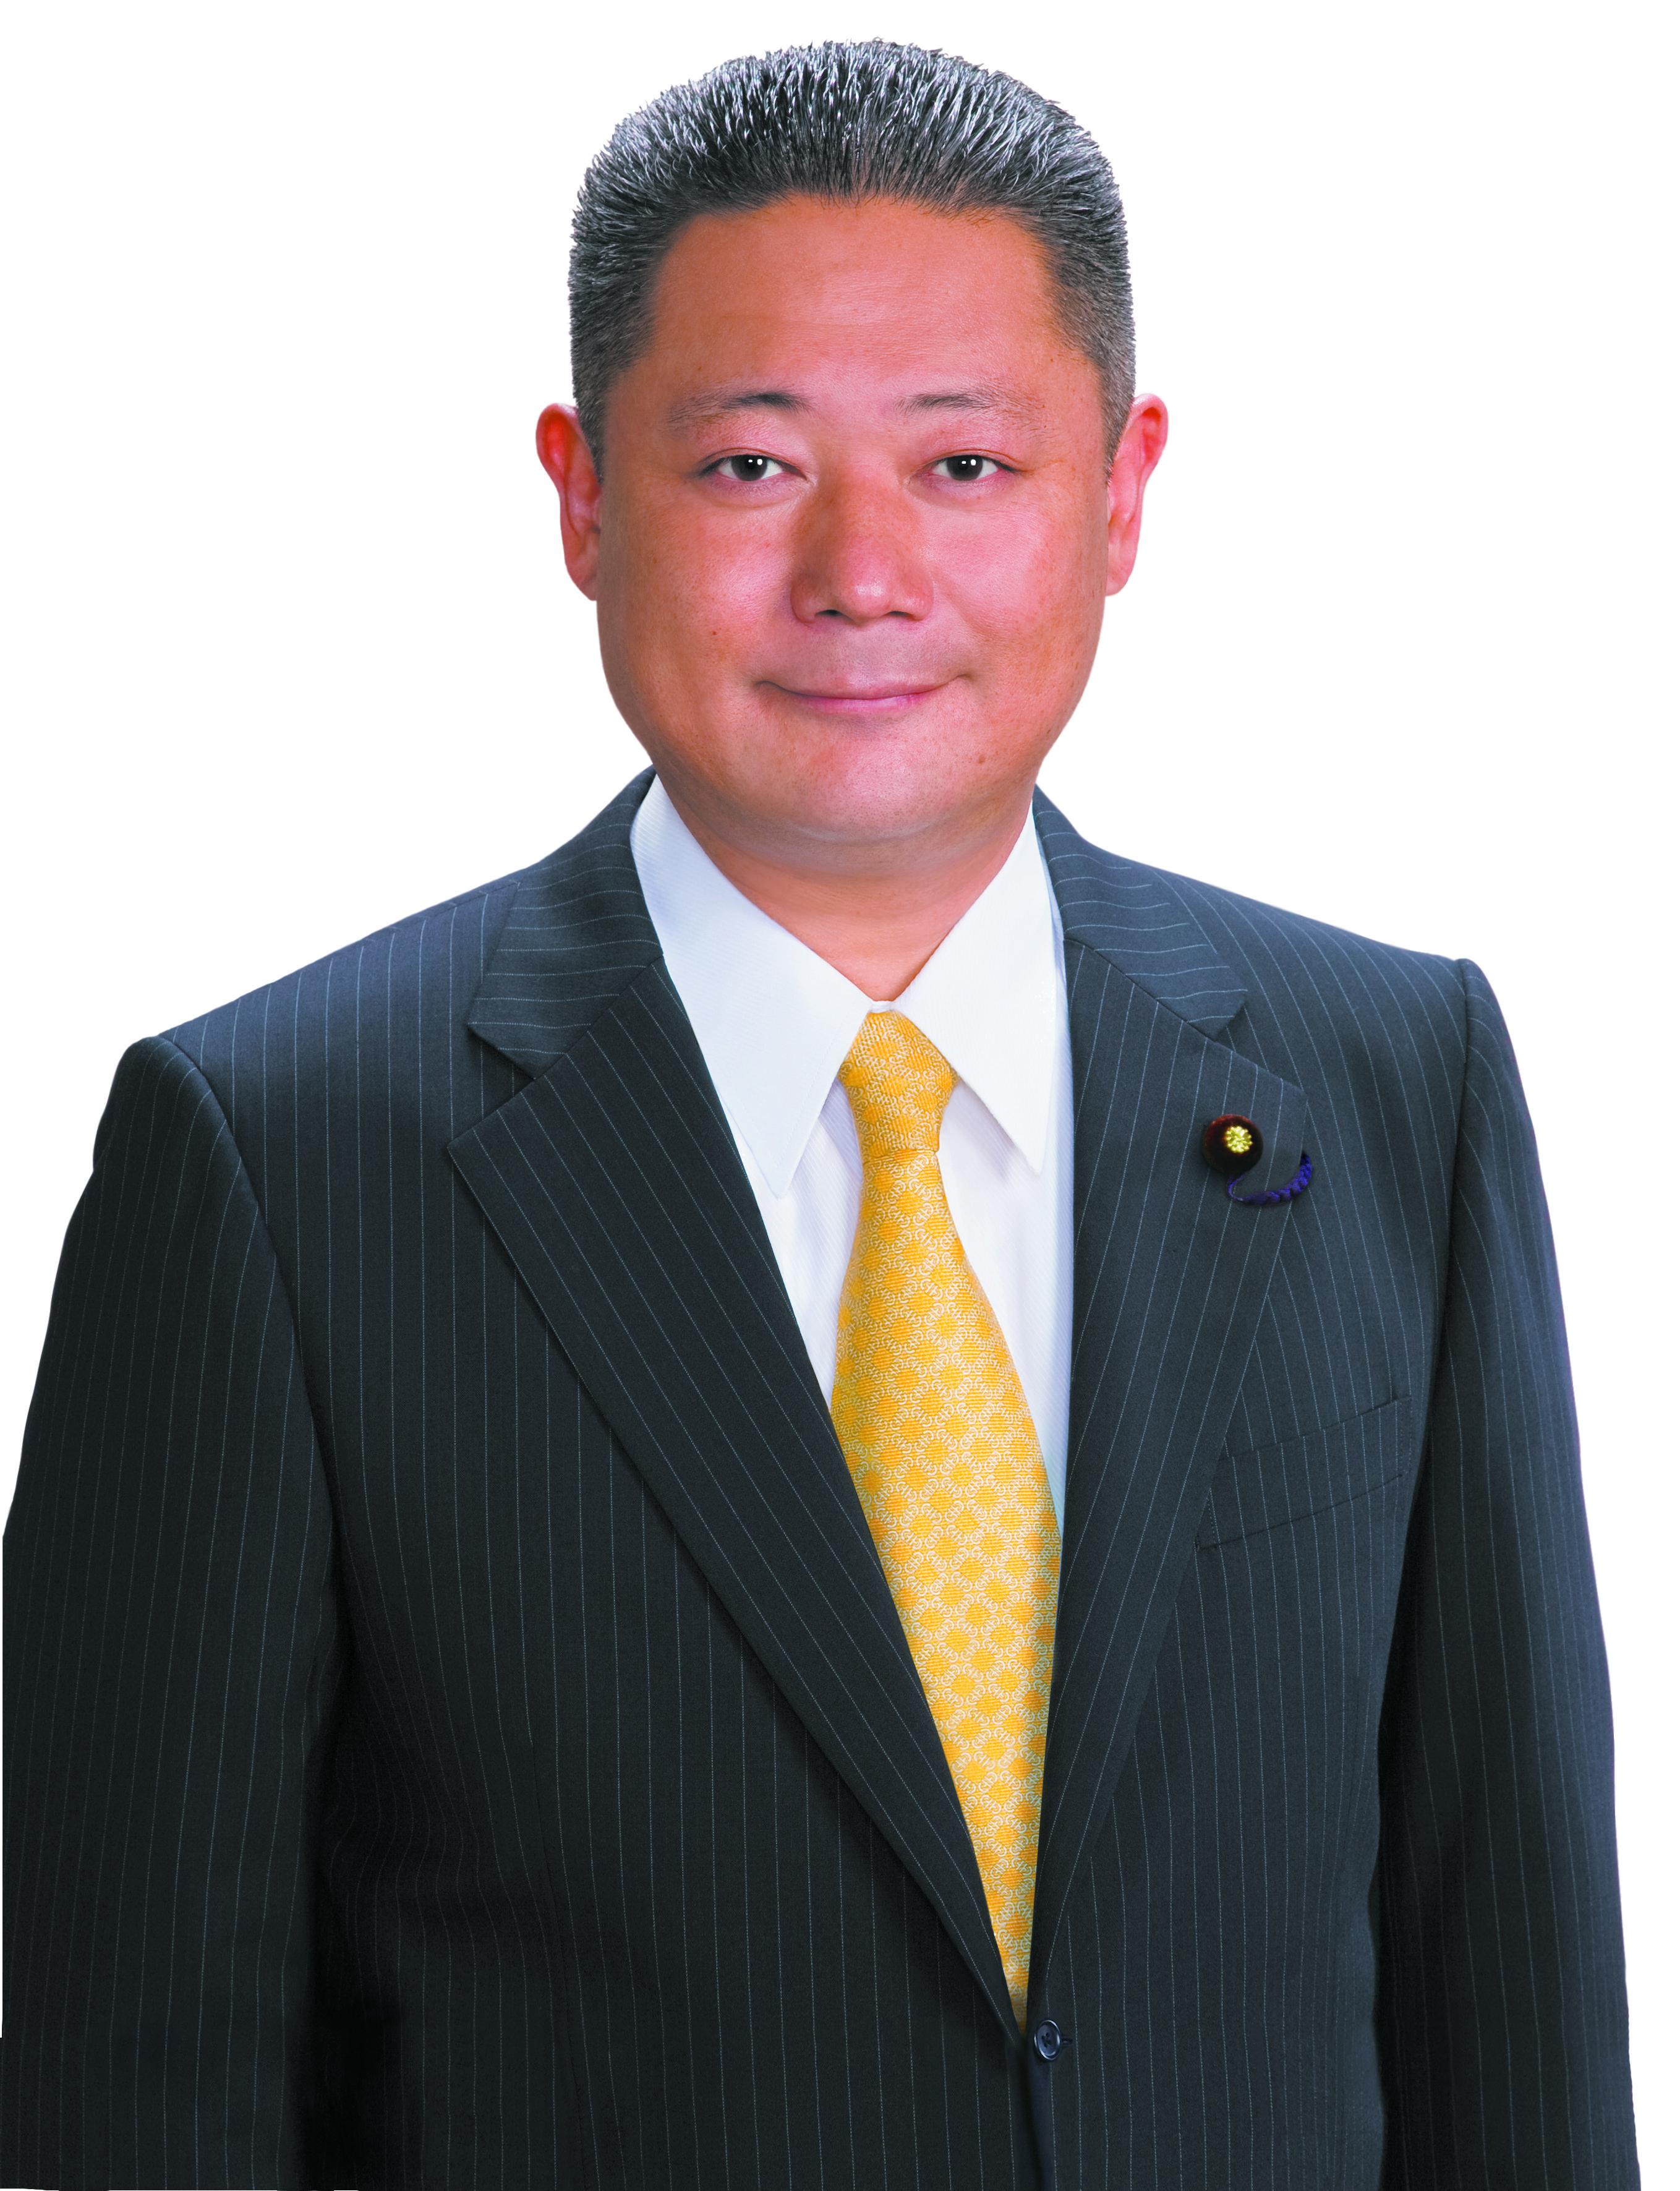 BSフジ「プライムニュース」馬場伸幸幹事長 出演のお知らせ